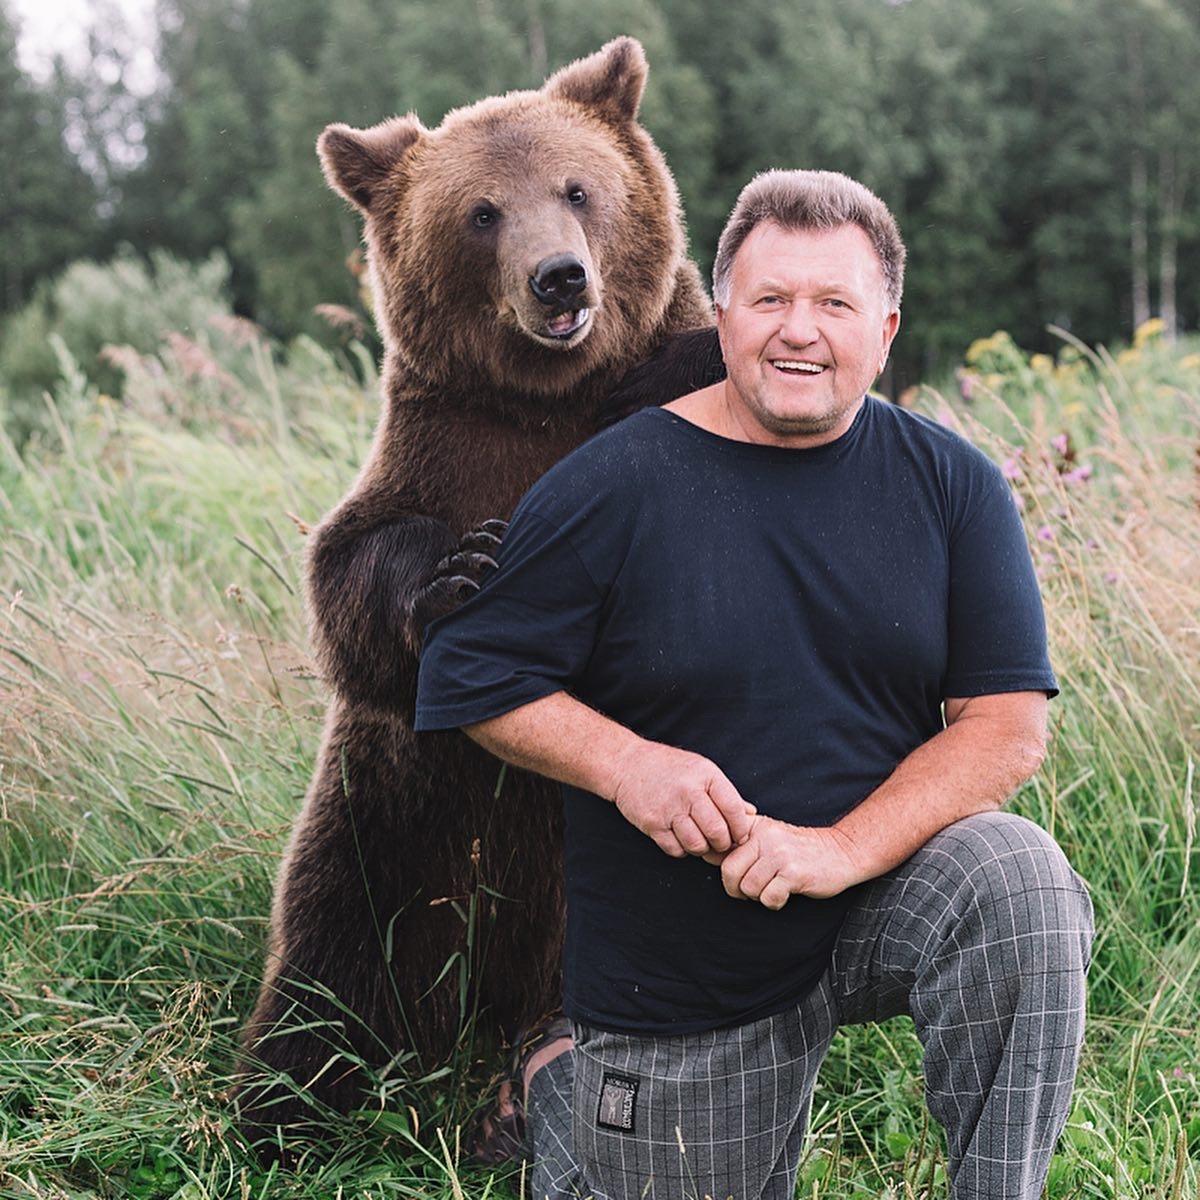 фото с медведем